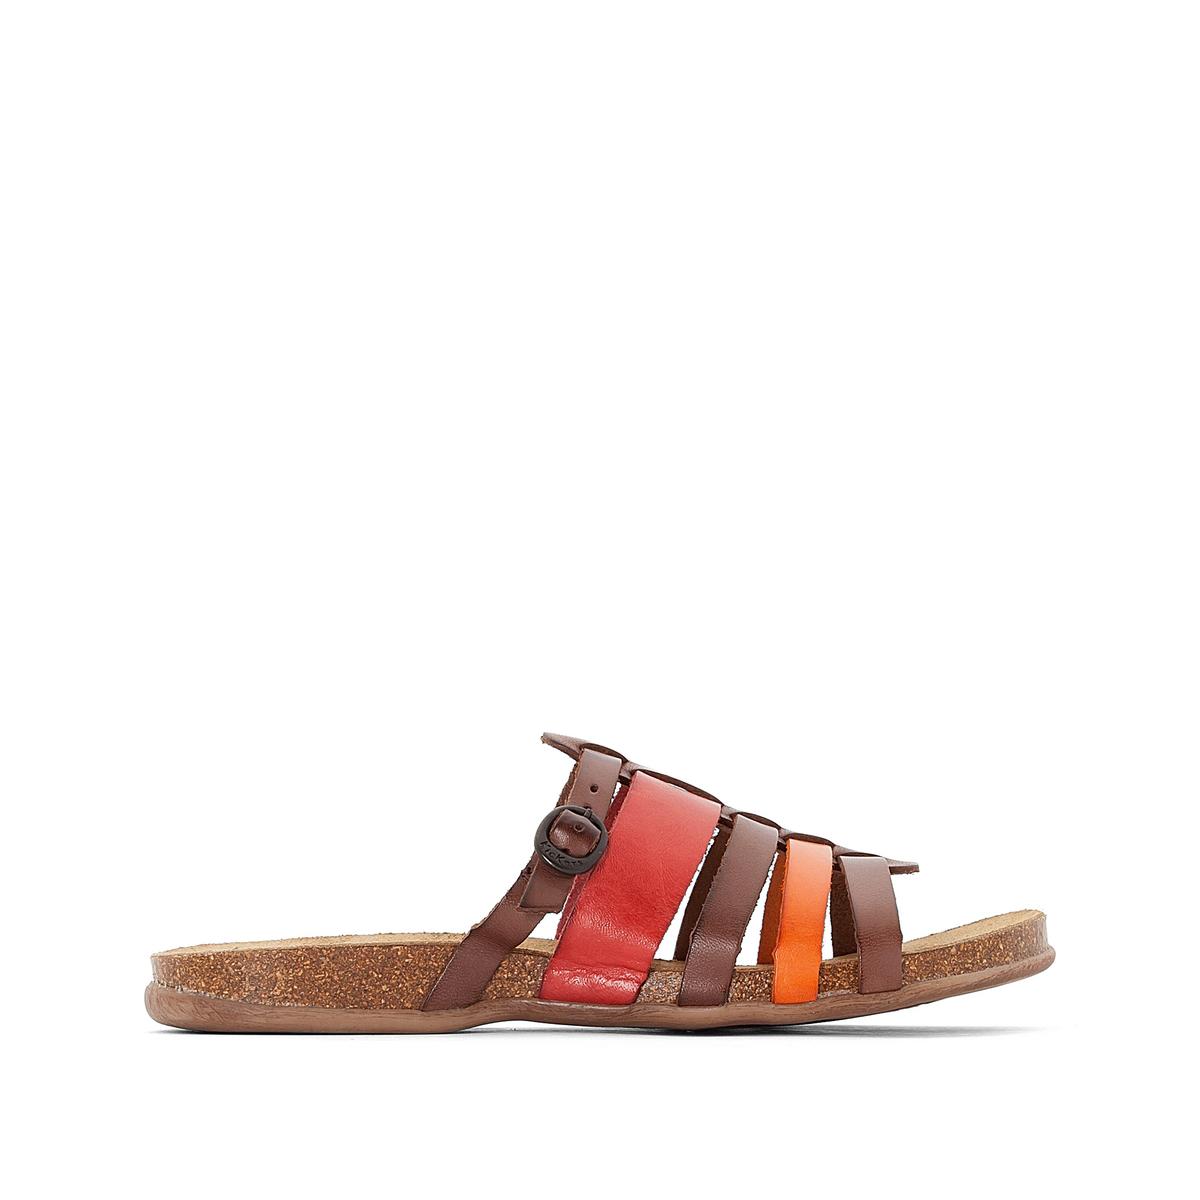 Босоножки кожаные AnaelleВерх: кожа.     Подкладка: без подкладки.Стелька: невыделанная кожа.Подошва: каучук.    Высота каблука: 2 см.    Форма каблука: плоский каблук.Мысок: открытый.Застежка: ремешок с пряжкой.<br><br>Цвет: разноцветный